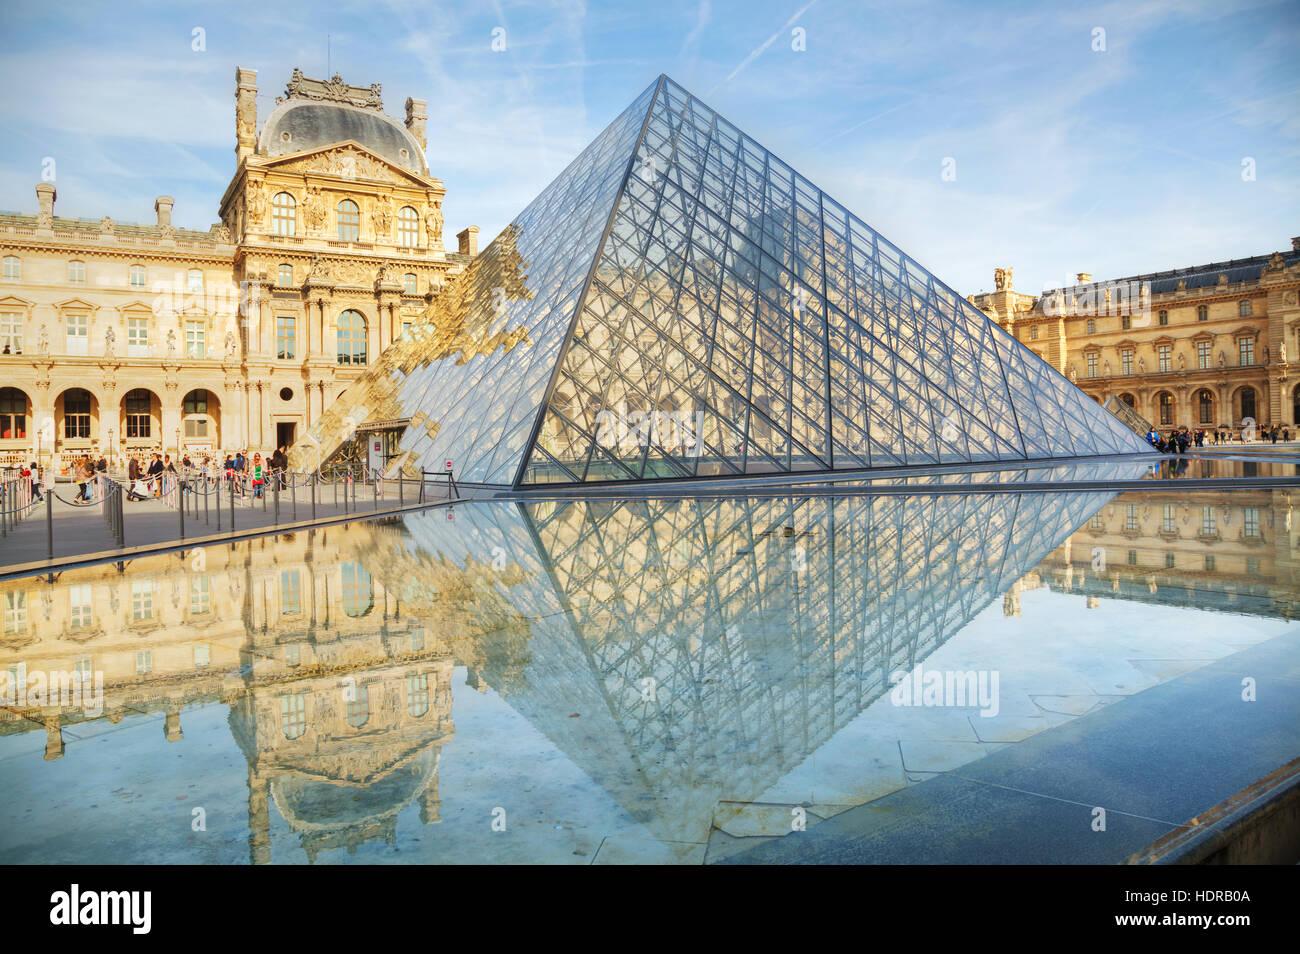 PARIS - 1 de noviembre: La Pirámide del Louvre el 1 de noviembre de 2014 en París, Francia. Sirve como la entrada principal al Museo del Louvre. Completado en 1989 Foto de stock